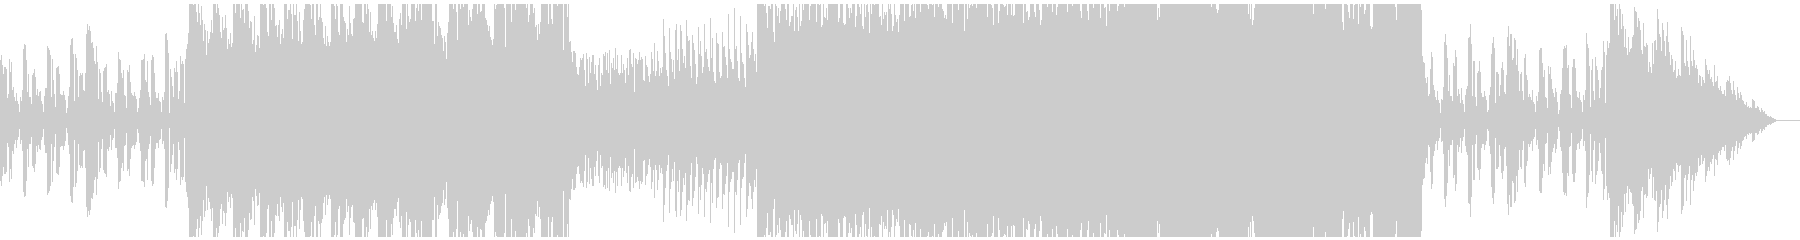 ダンジョン(神秘、人工的、遺跡、機械)の未再生の波形